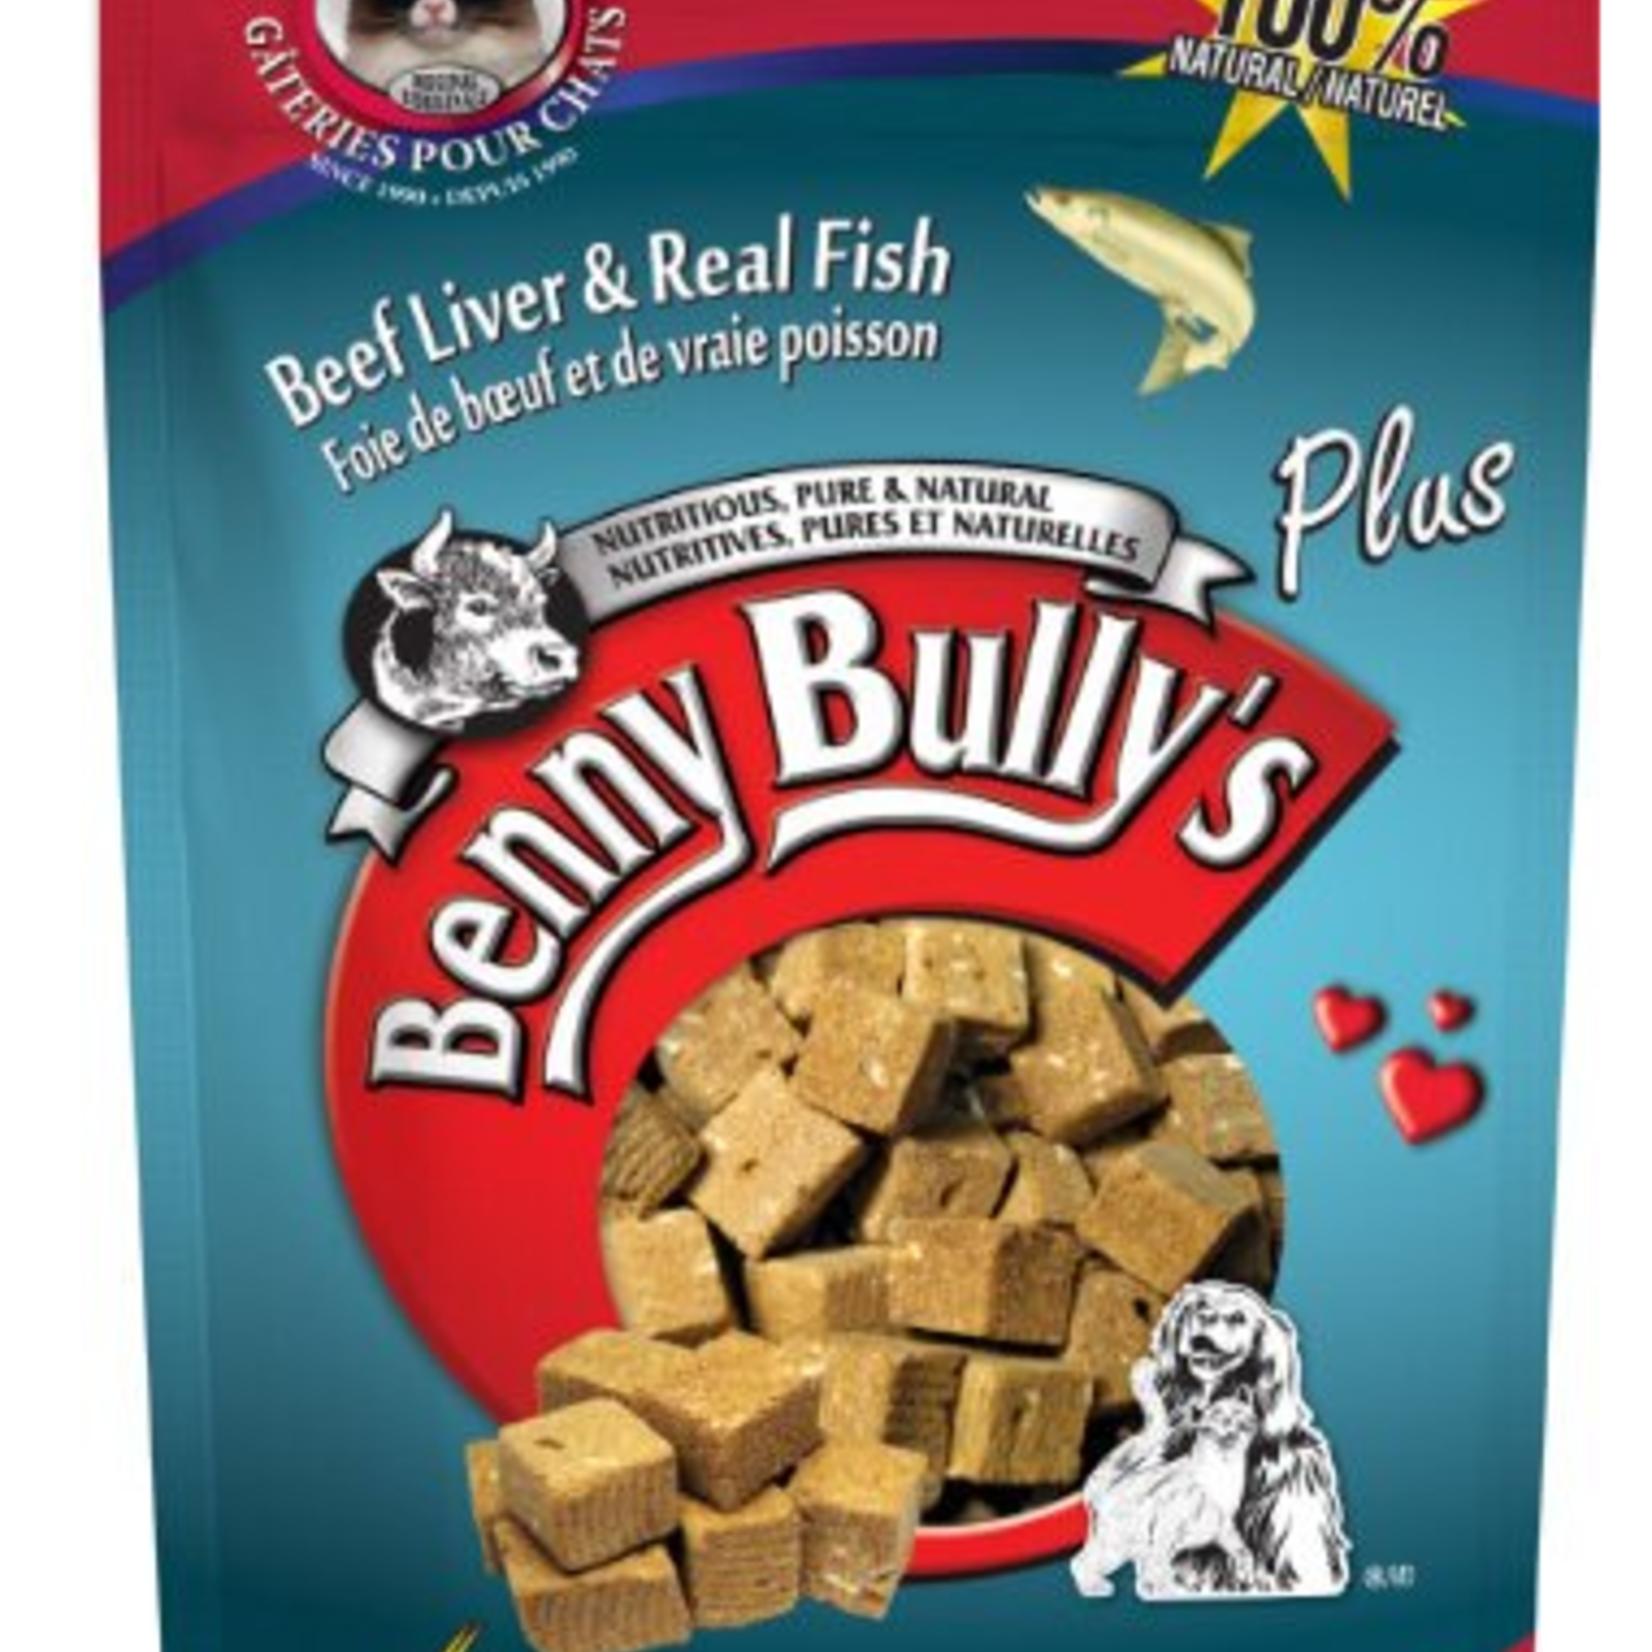 Benny Bully Benny Bully's Plus Fish Cat Treats (25g)